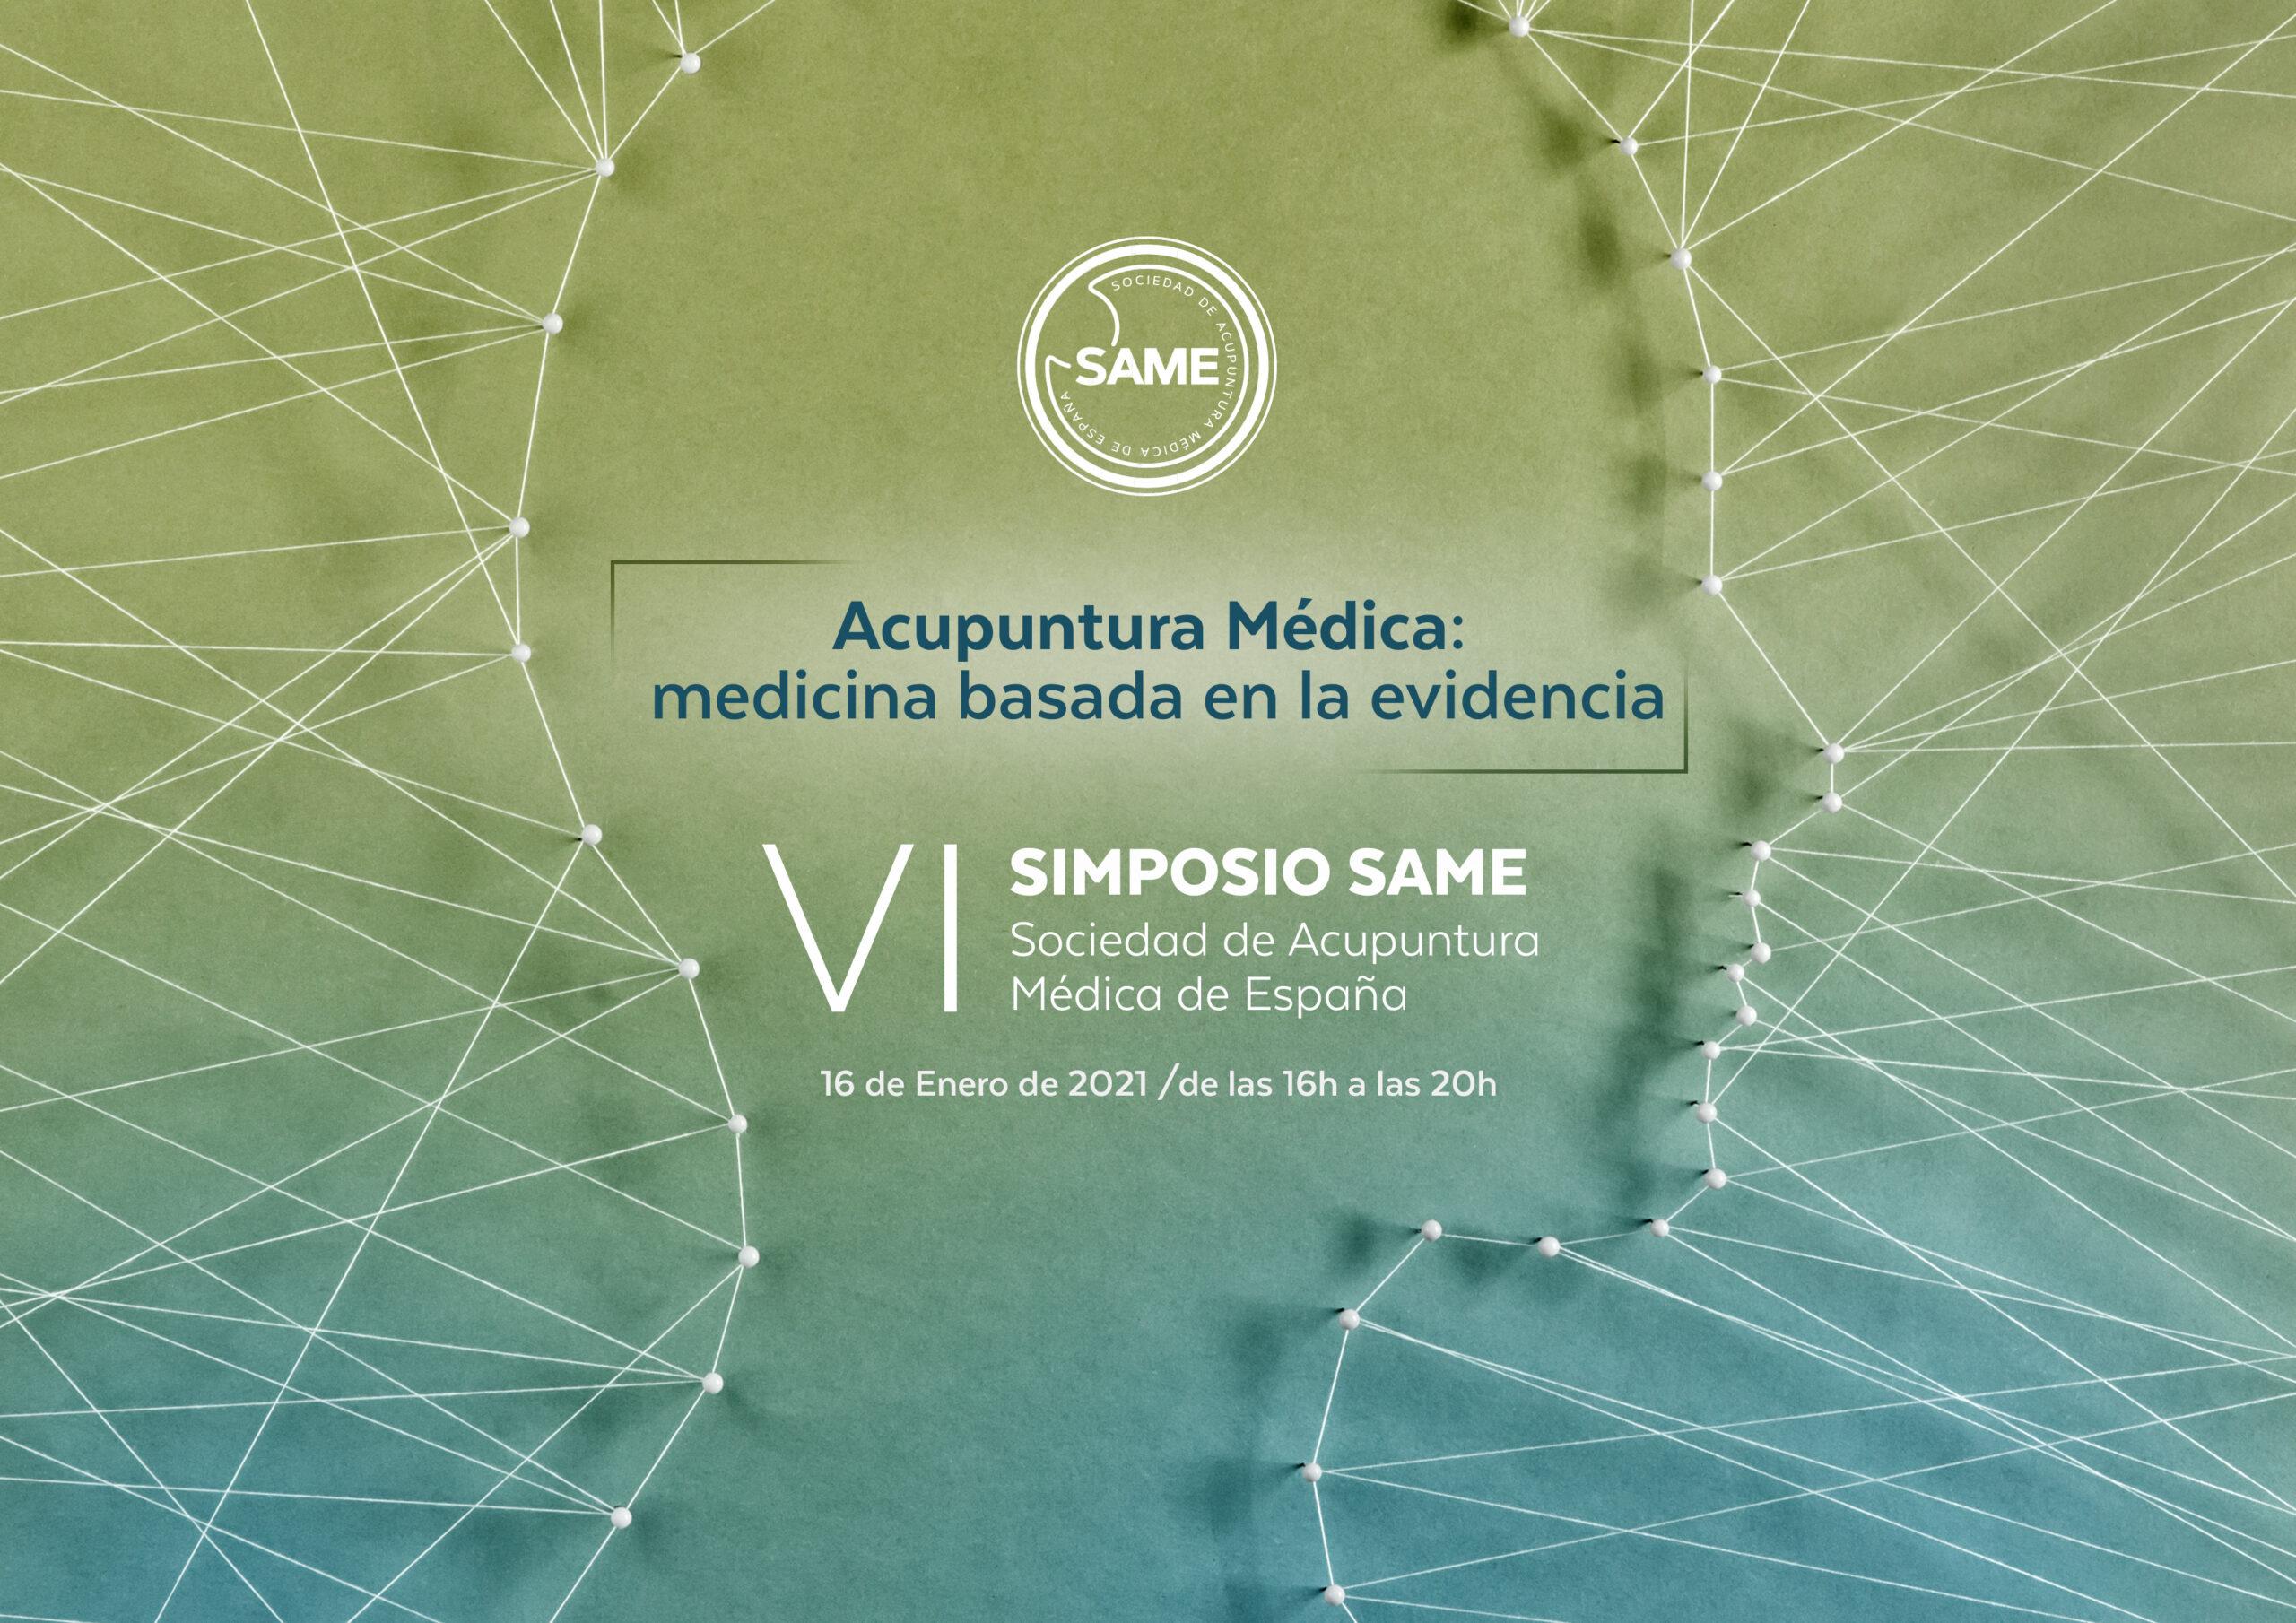 VI SIMPOSIO SAME - Acupuntura Médica: Medicina basada en la evidencia